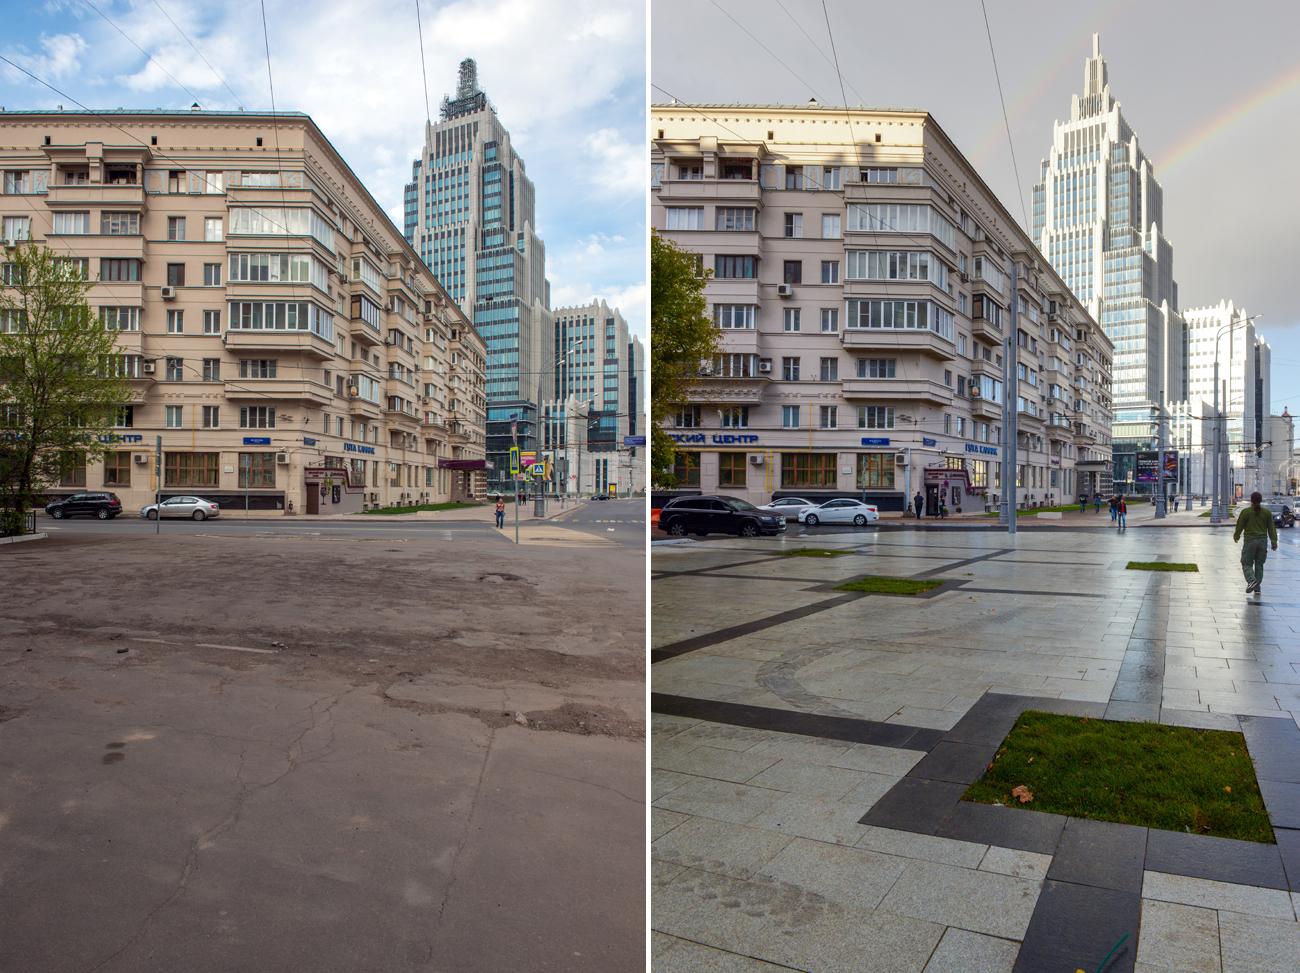 Ruelle Oroujeïny avant et après la rénovation. Crédit: Nikolaï Galkine/TASS